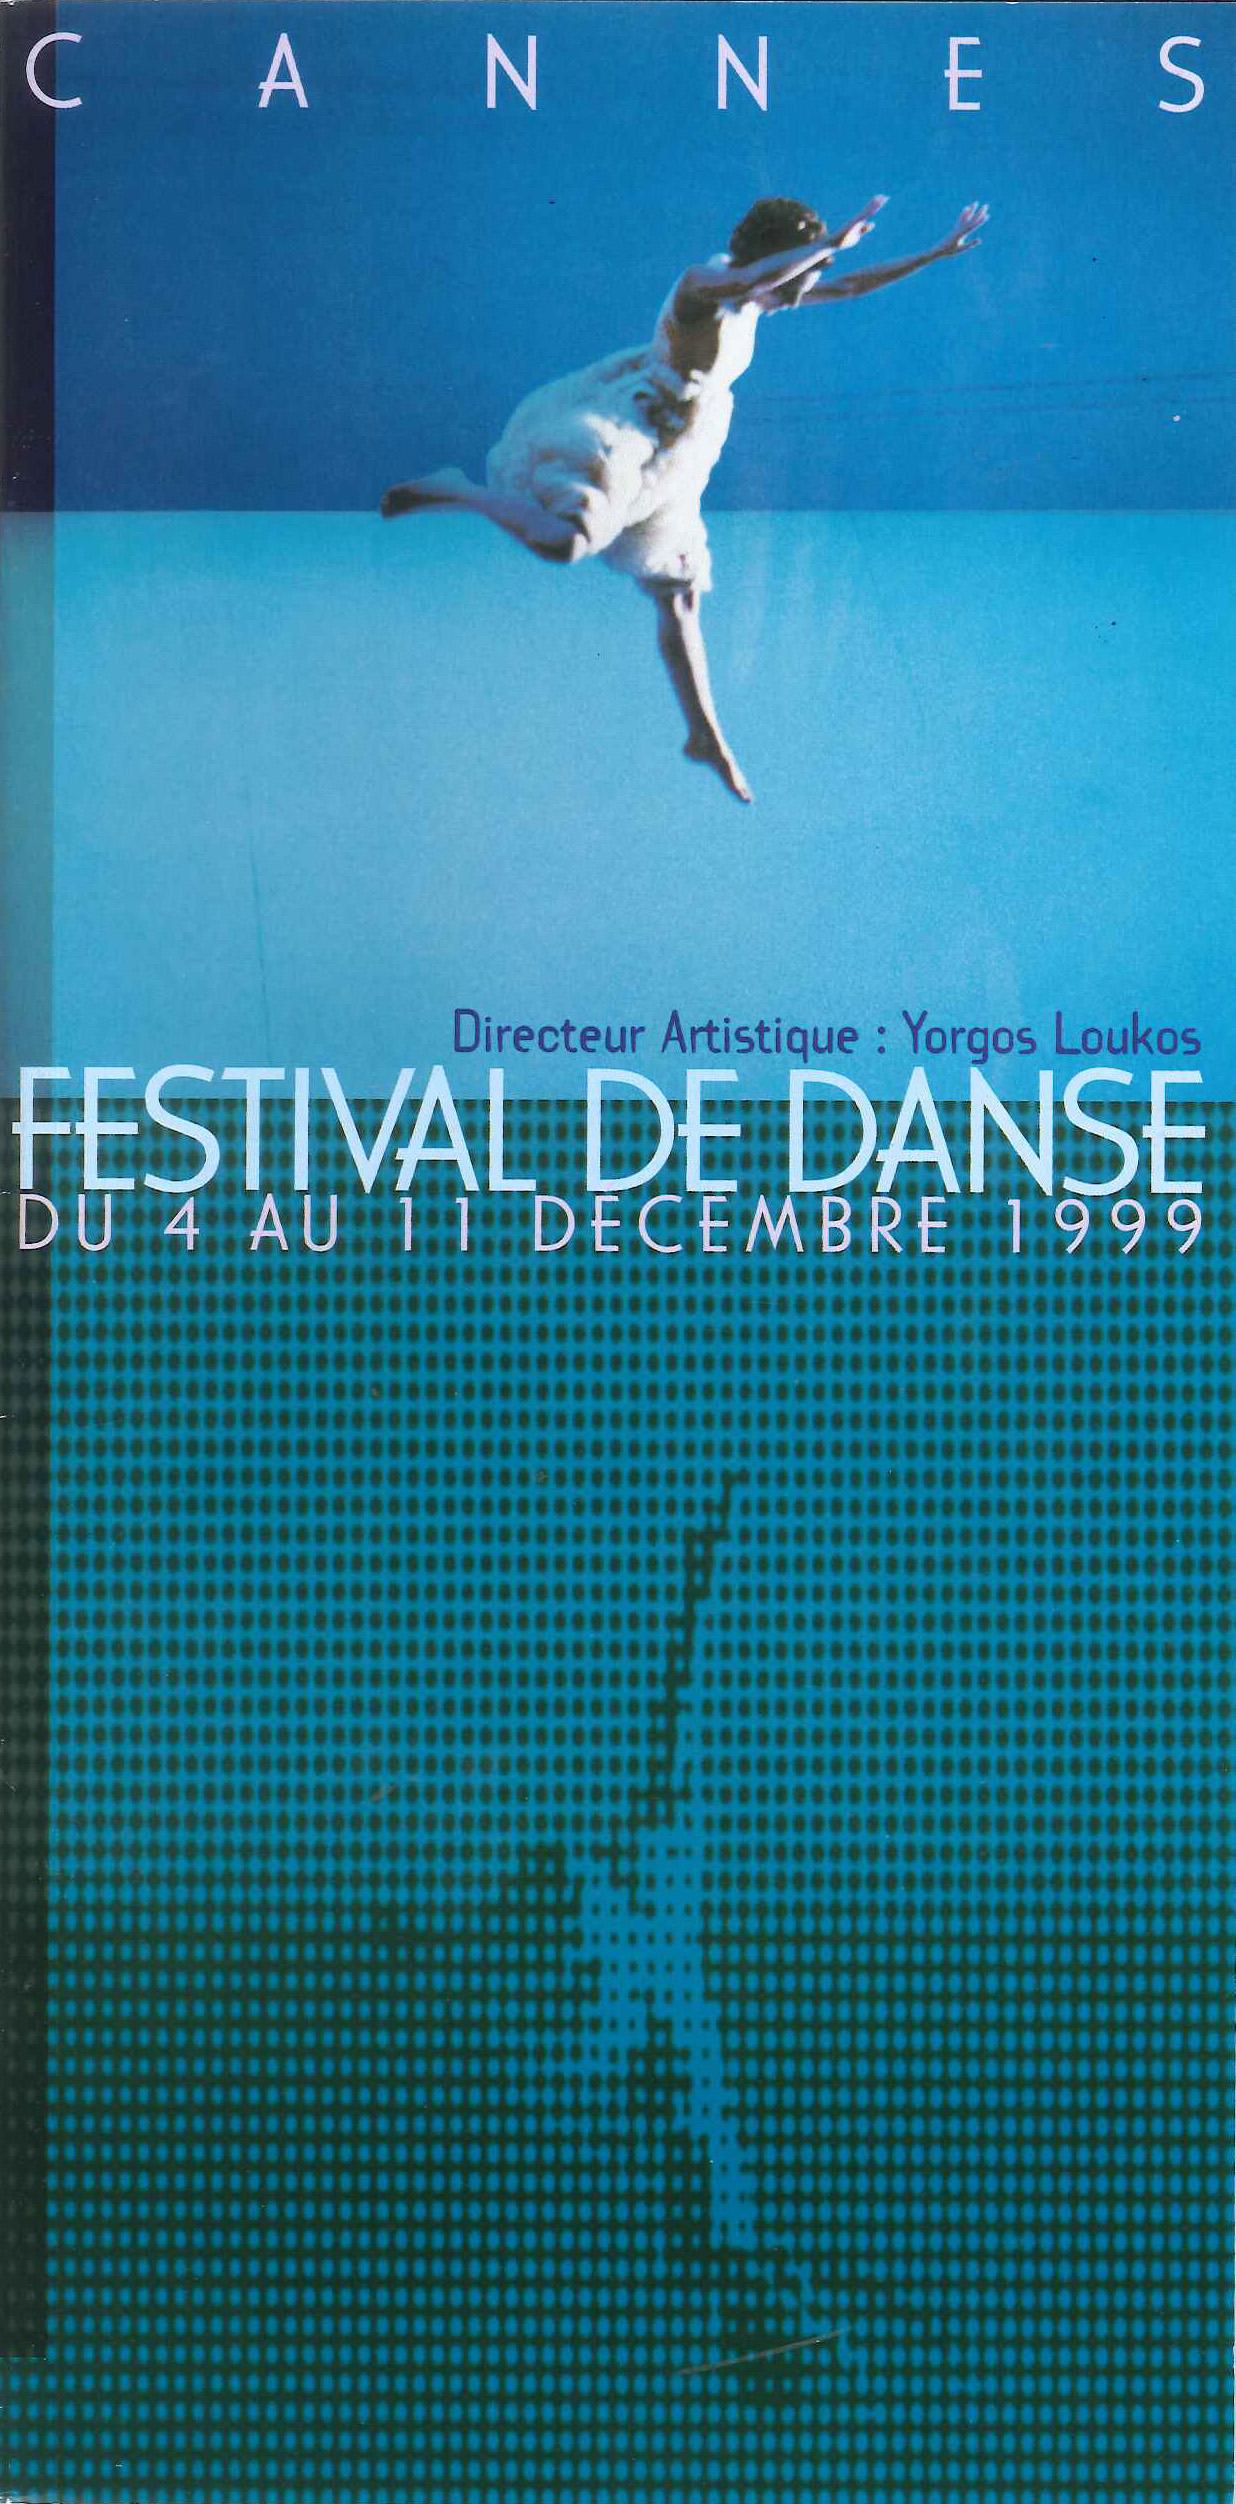 Festival de Danse Cannes 1999